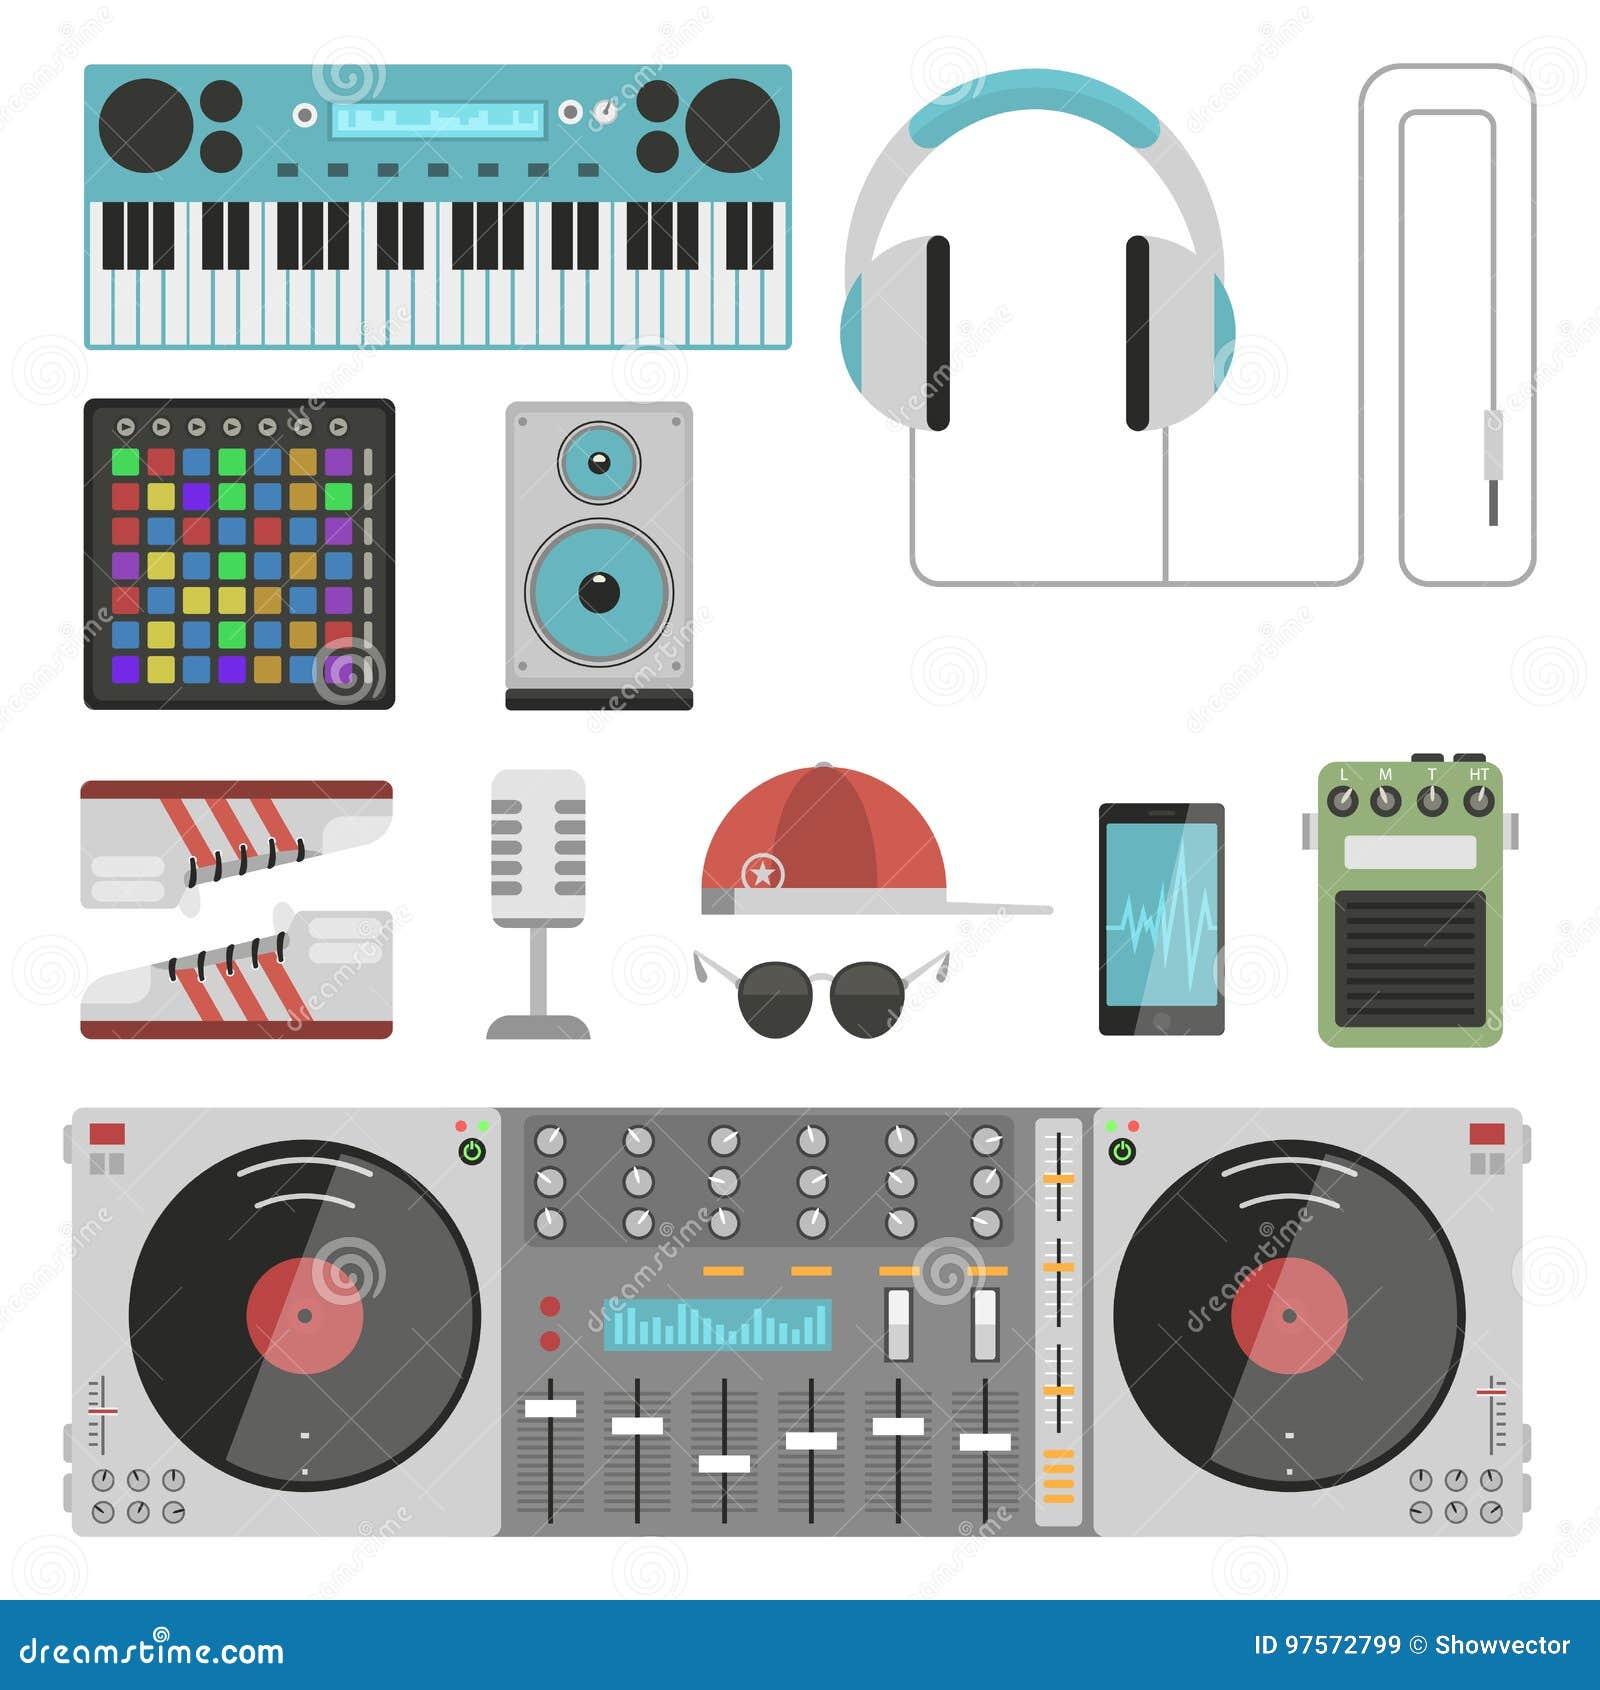 Van de instrumentenbreakdance van de hiphop de bijkomende musicus van de de tikmuziek expressieve vectorillustratie van DJ